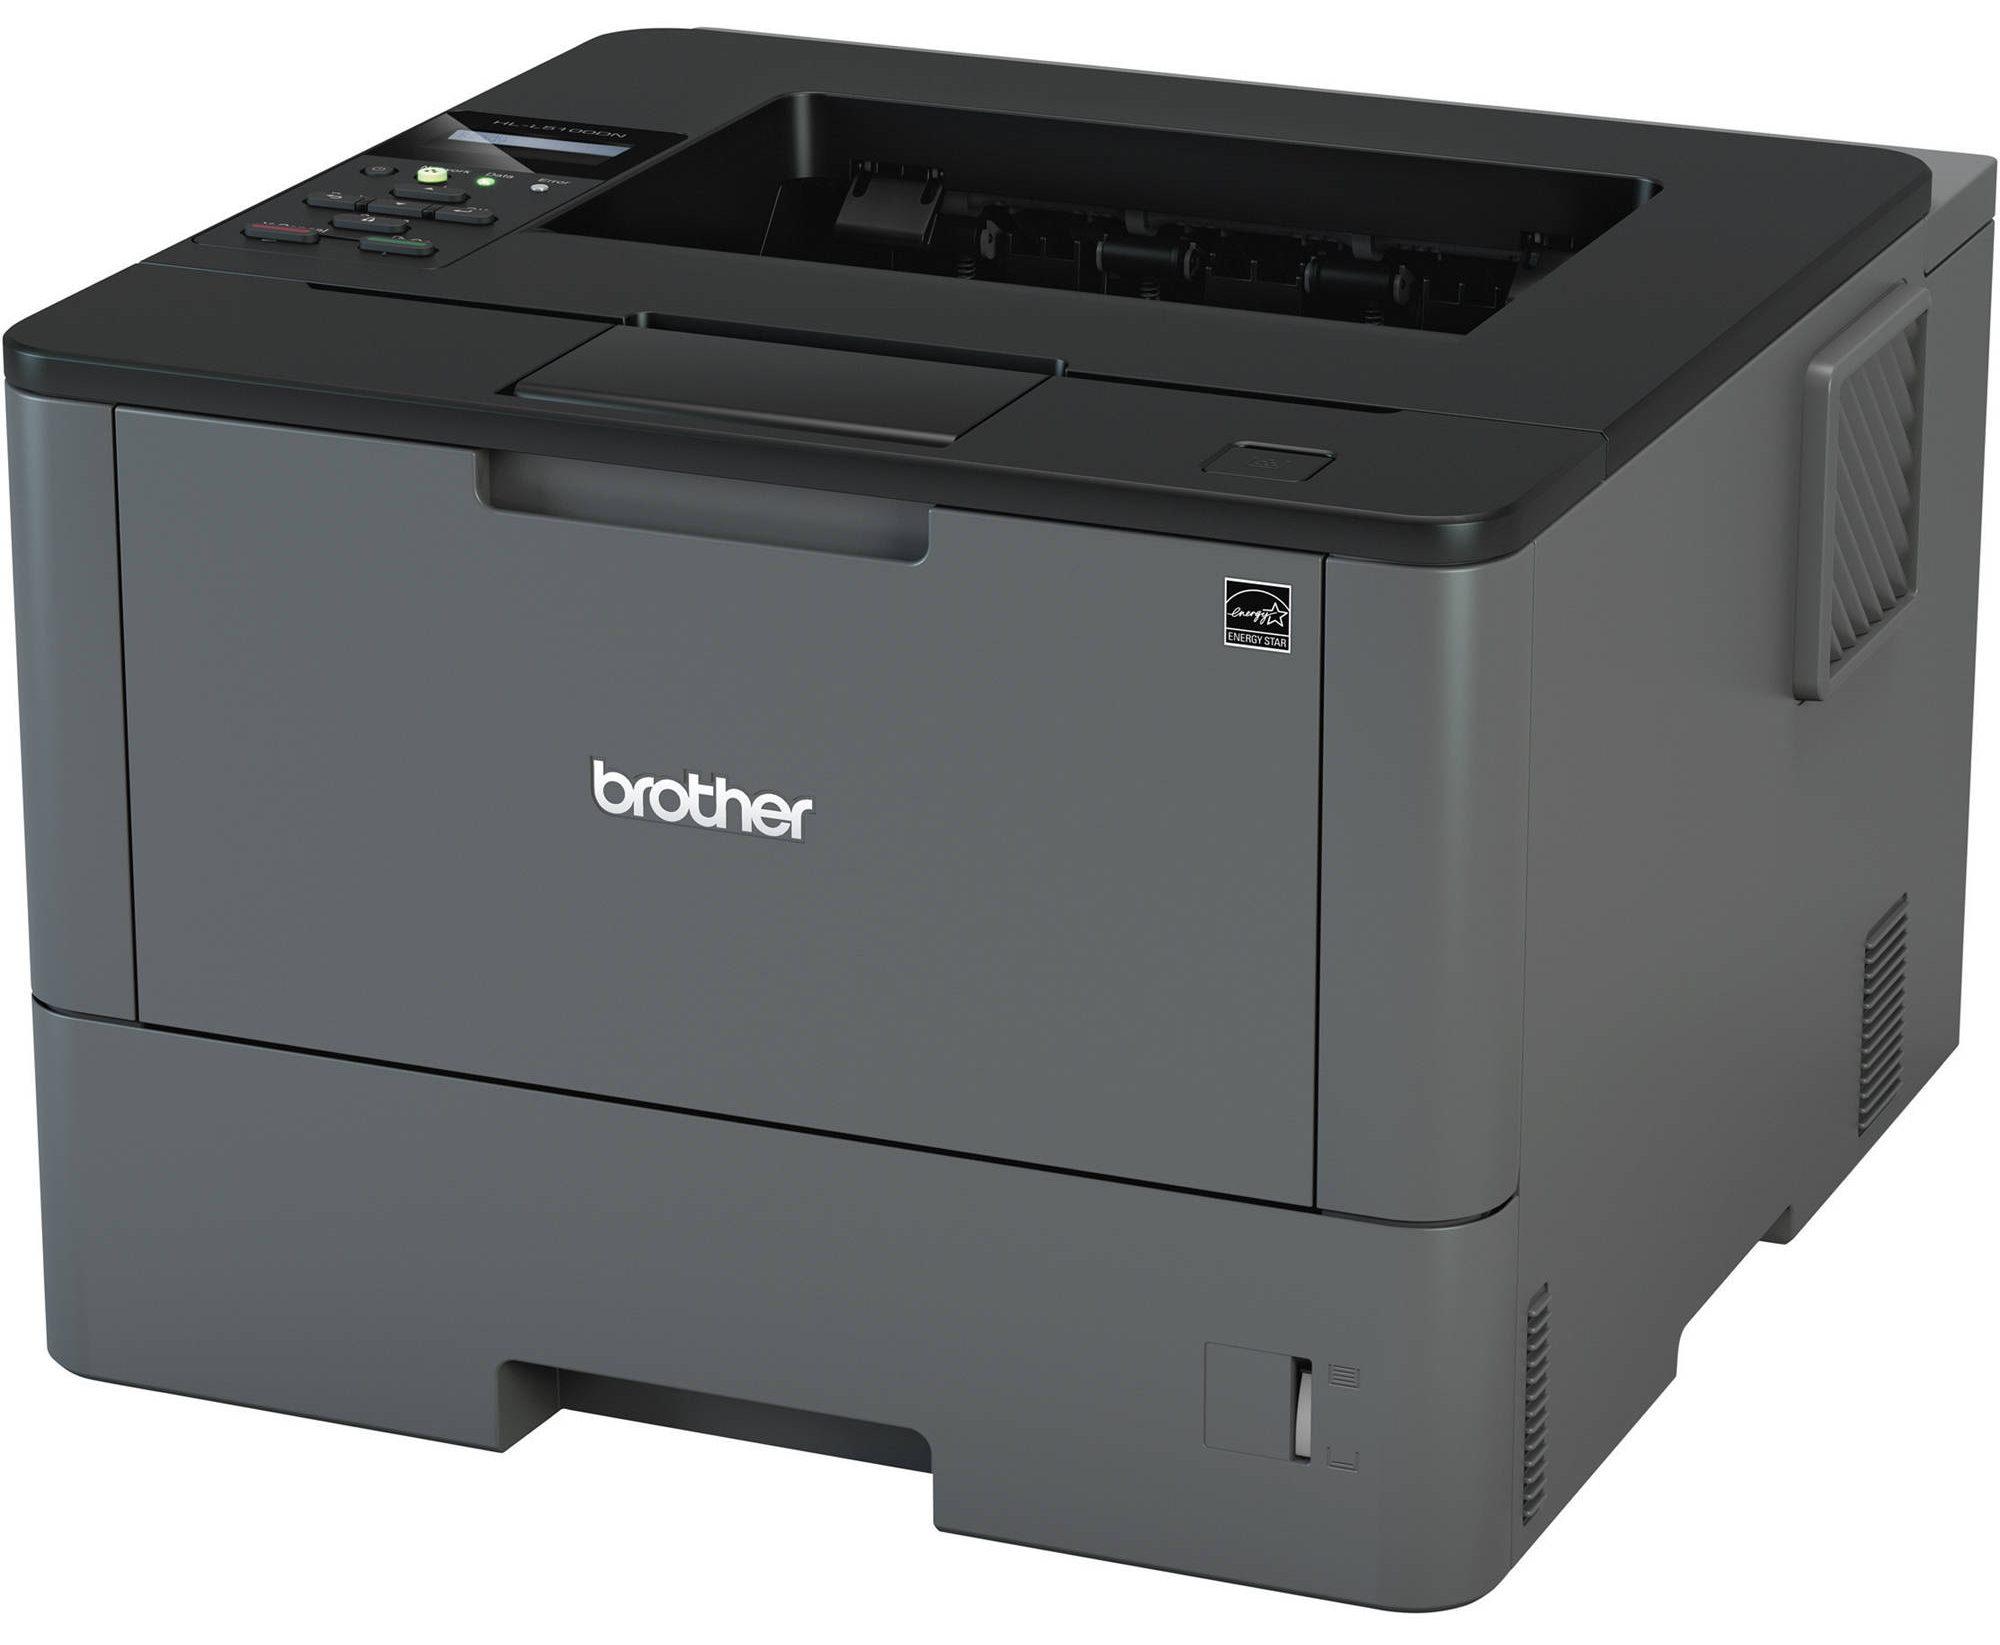 Máy in laser trắng đen BROTHER HL-L5100DN giúp hiệu quả công việc được tăng cao